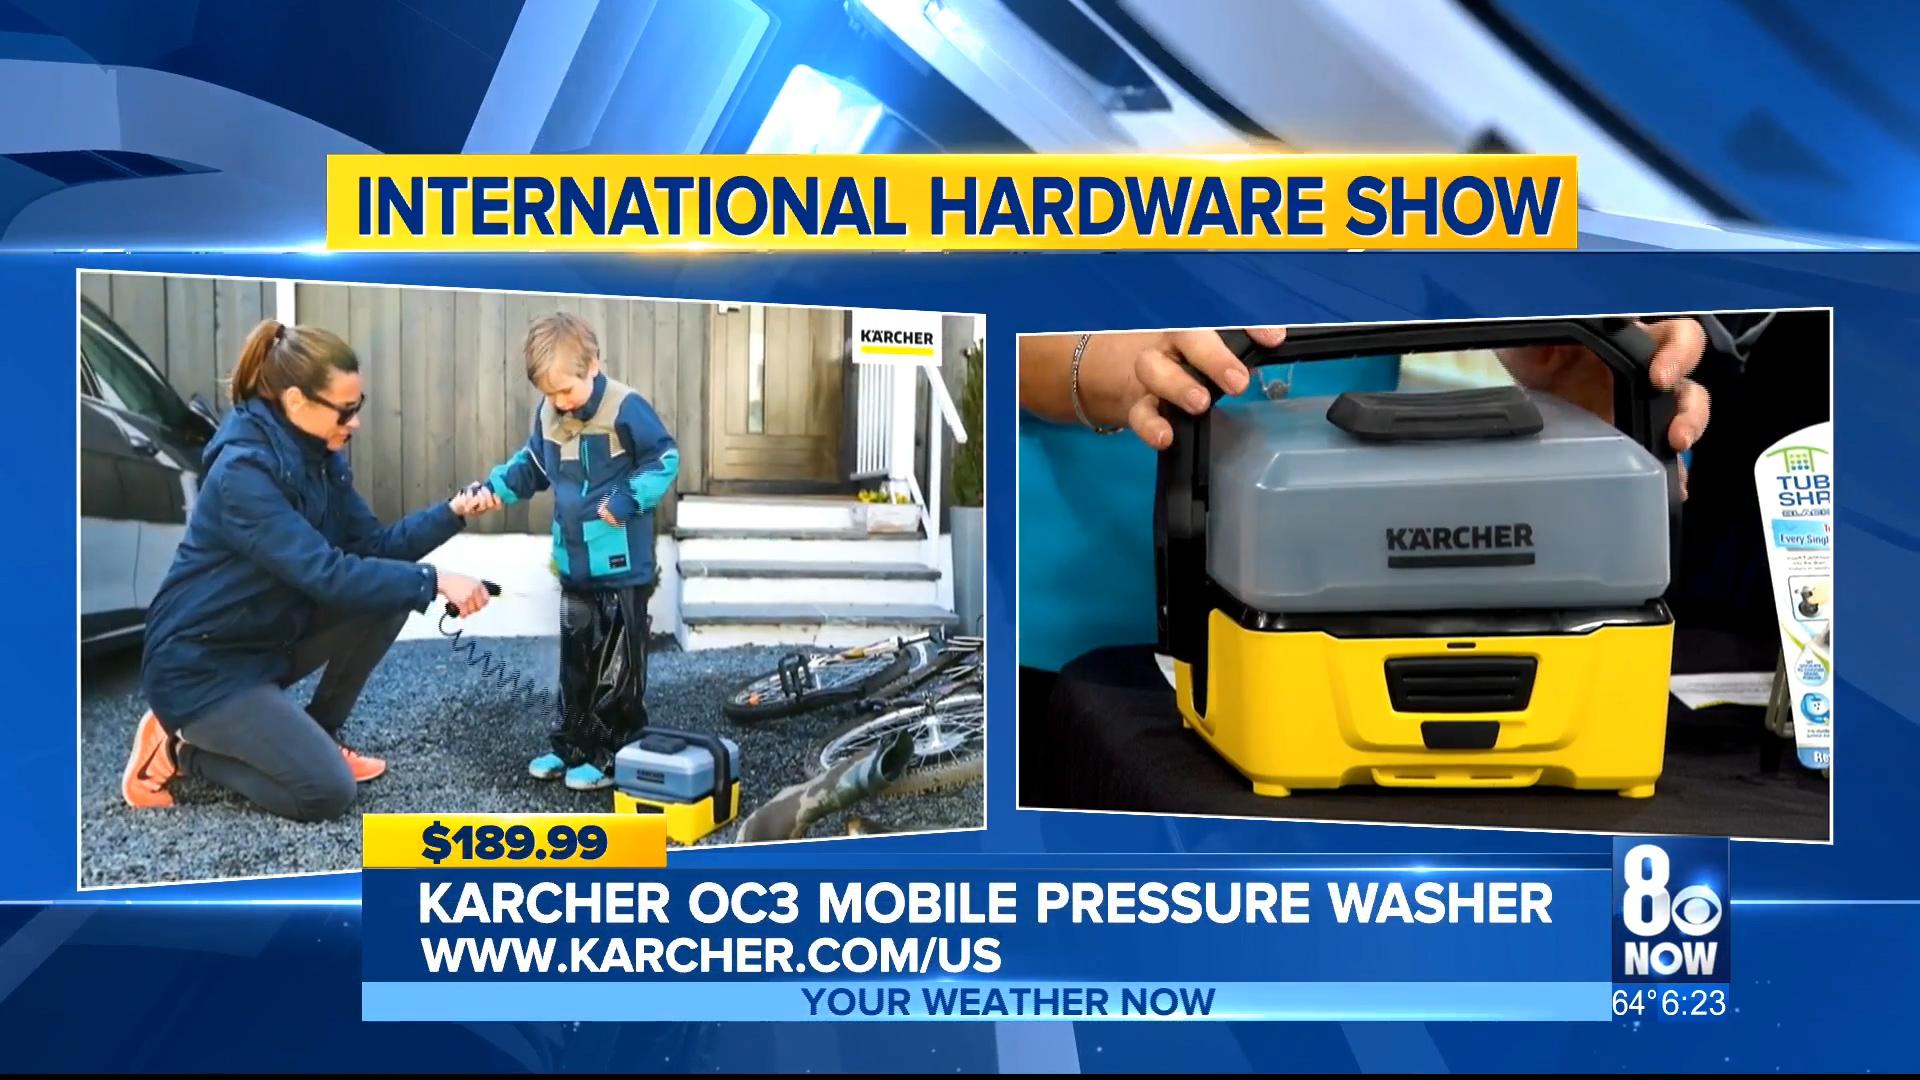 KARCHER OC3 MOBILE PRESSURE WASHER - $189.99Shop Now